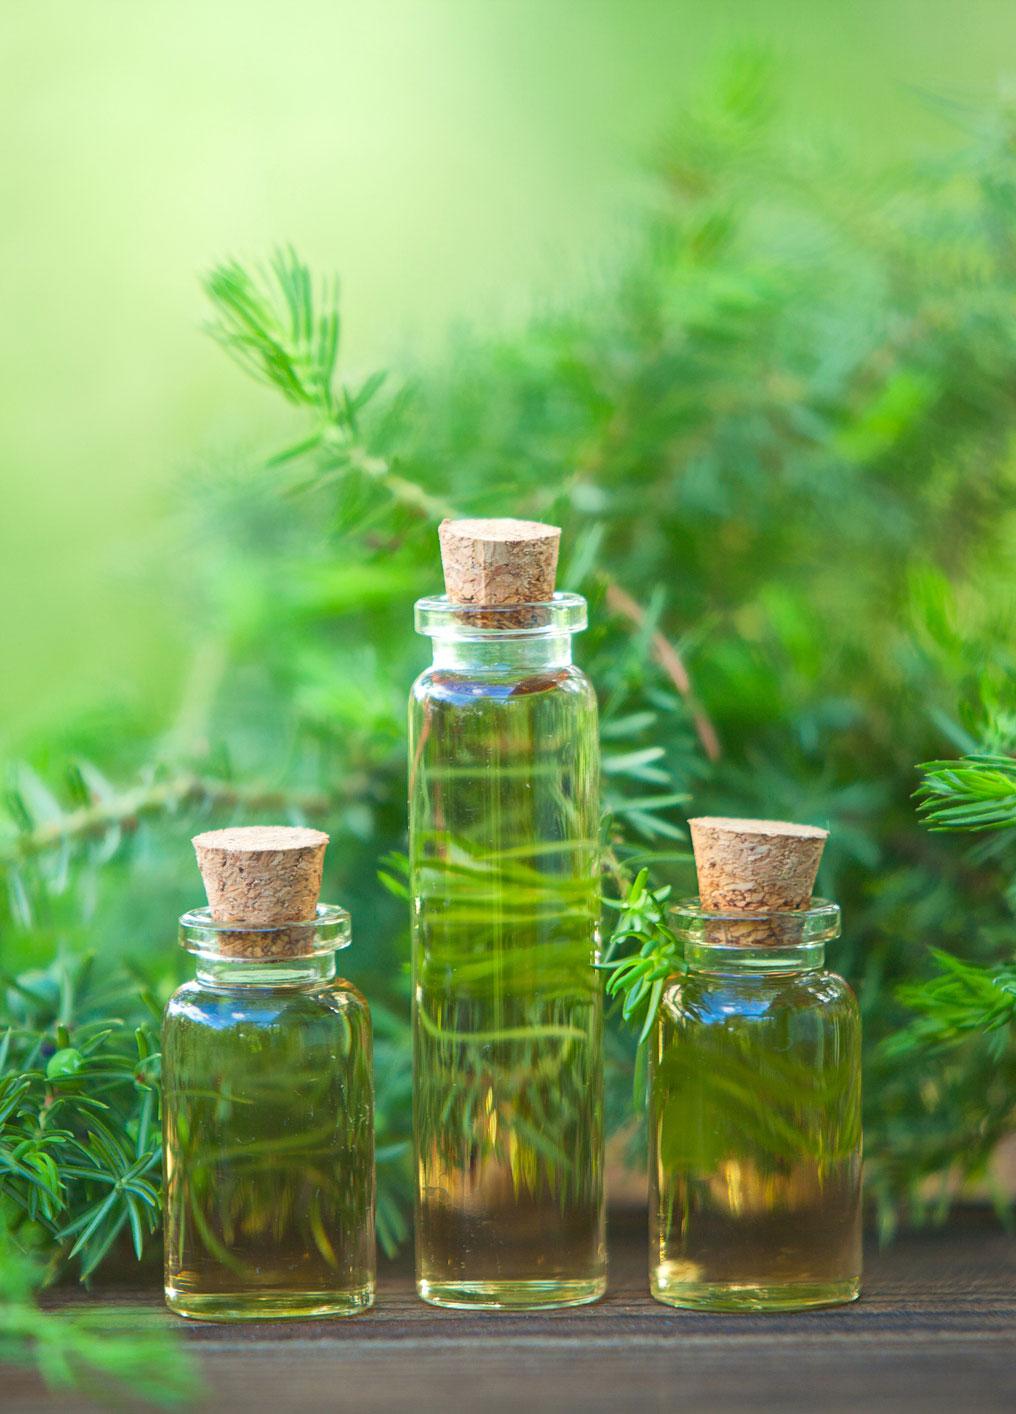 Çay Ağacı Yağının Saça Faydaları Nelerdir?